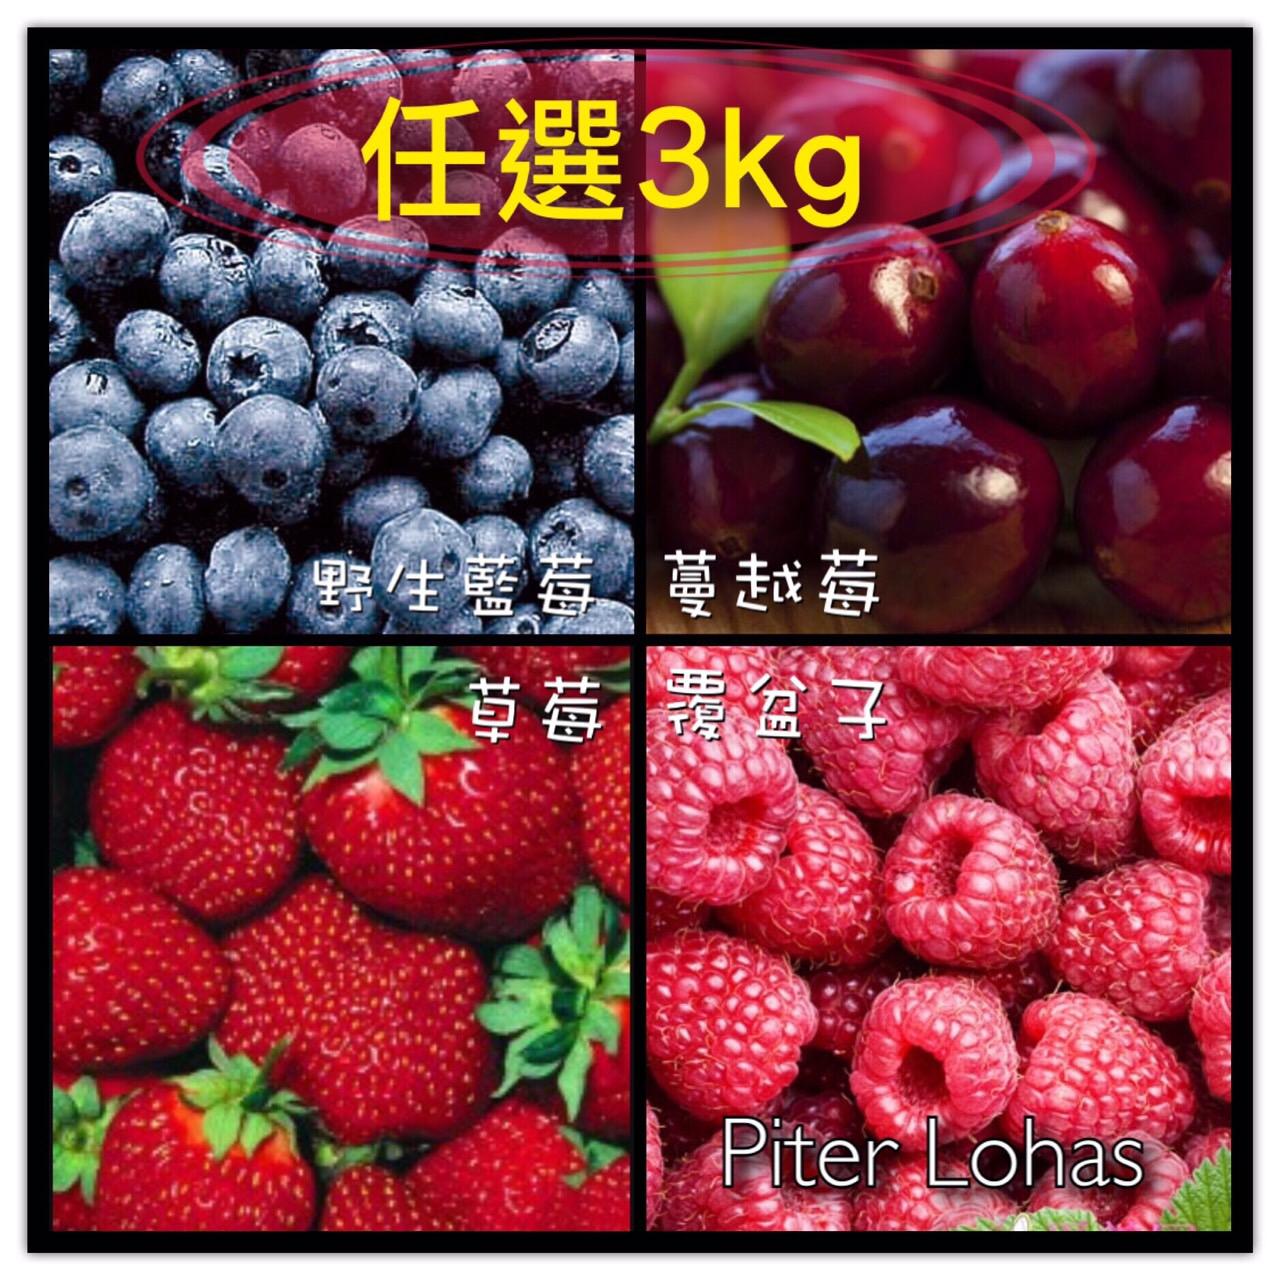 免運費!任選3公斤I.Q.F.急速冷凍莓果系列[特選頂級蔓越莓/覆盆子/草莓/野生藍莓/森林綜合莓果(前四種混和)]